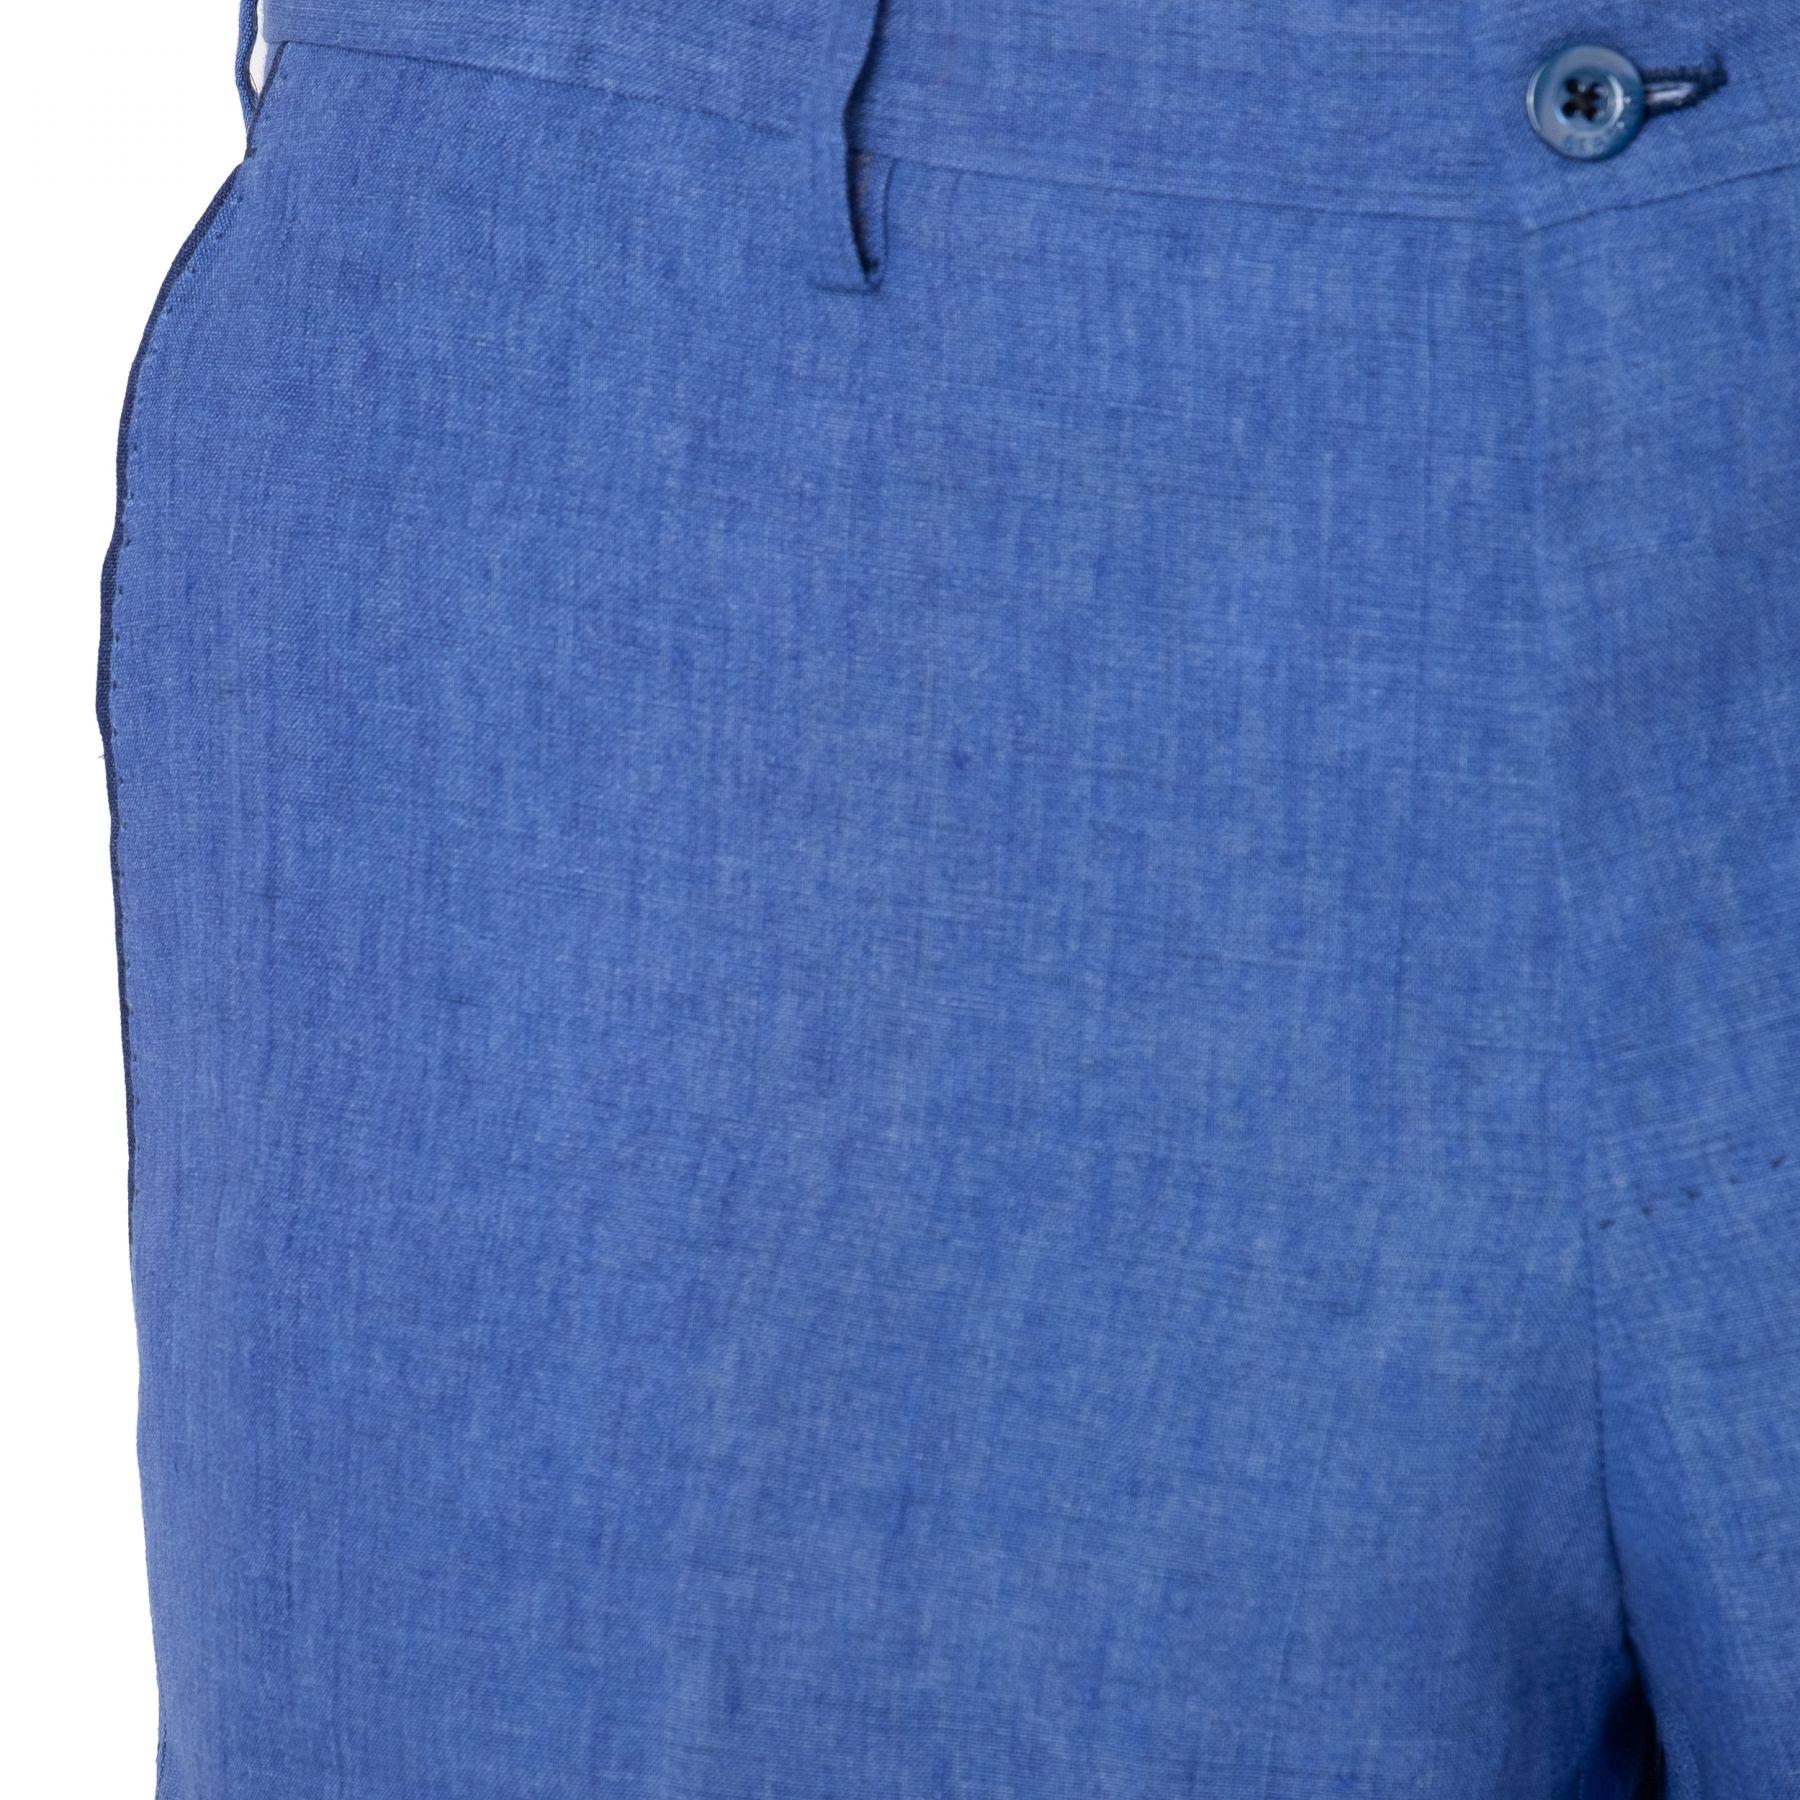 Шорты Bertolo Cashmere сине-голубые